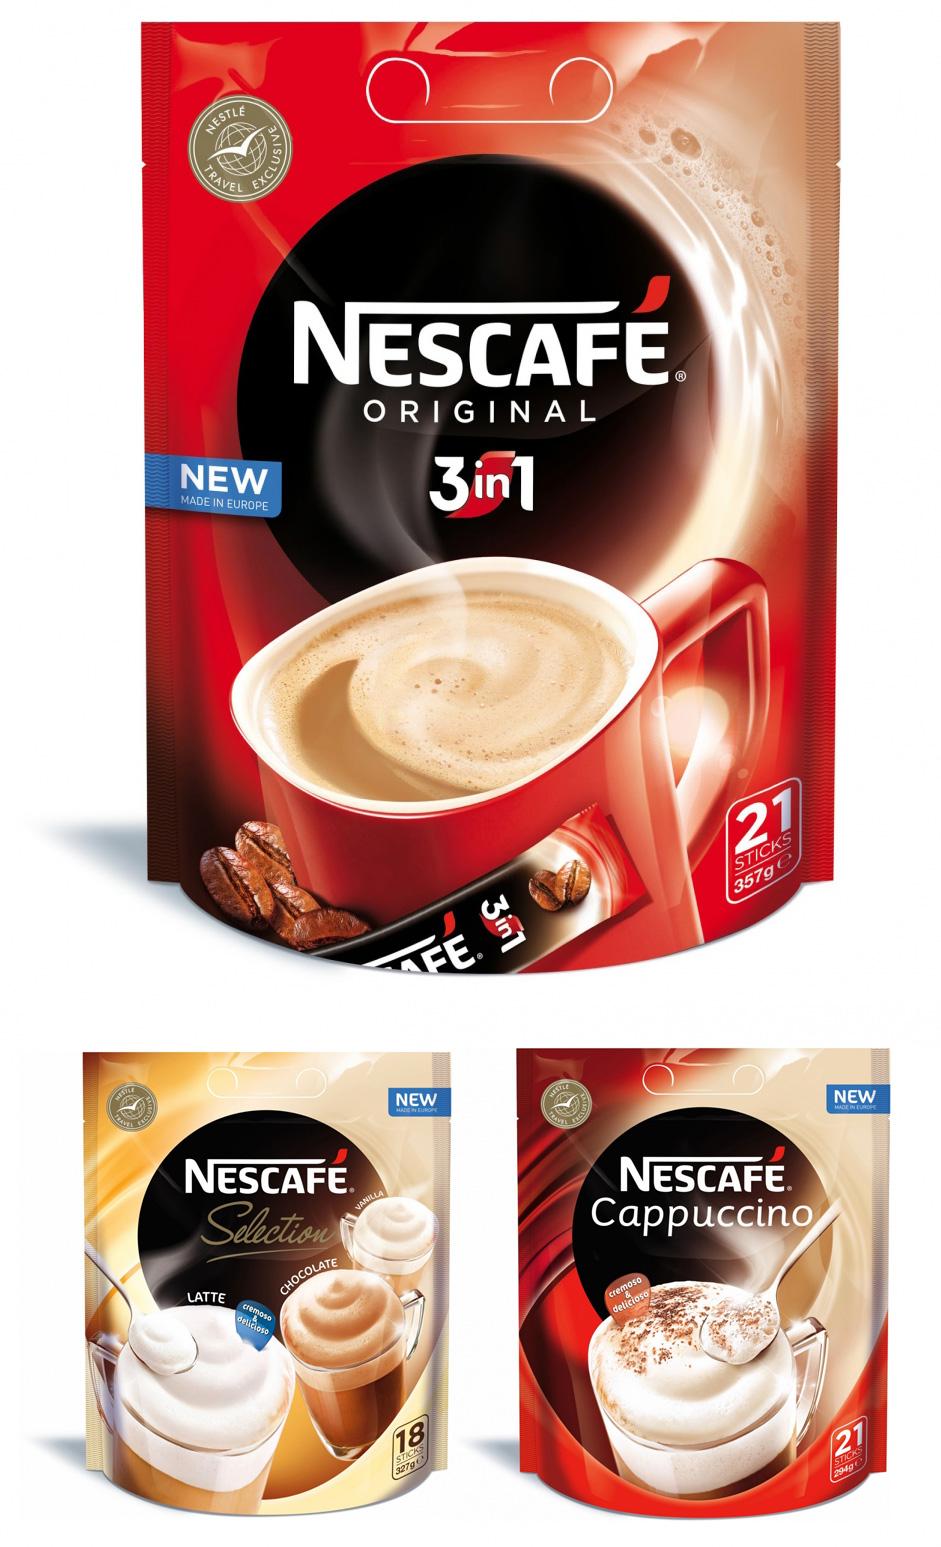 nescafe_packaging